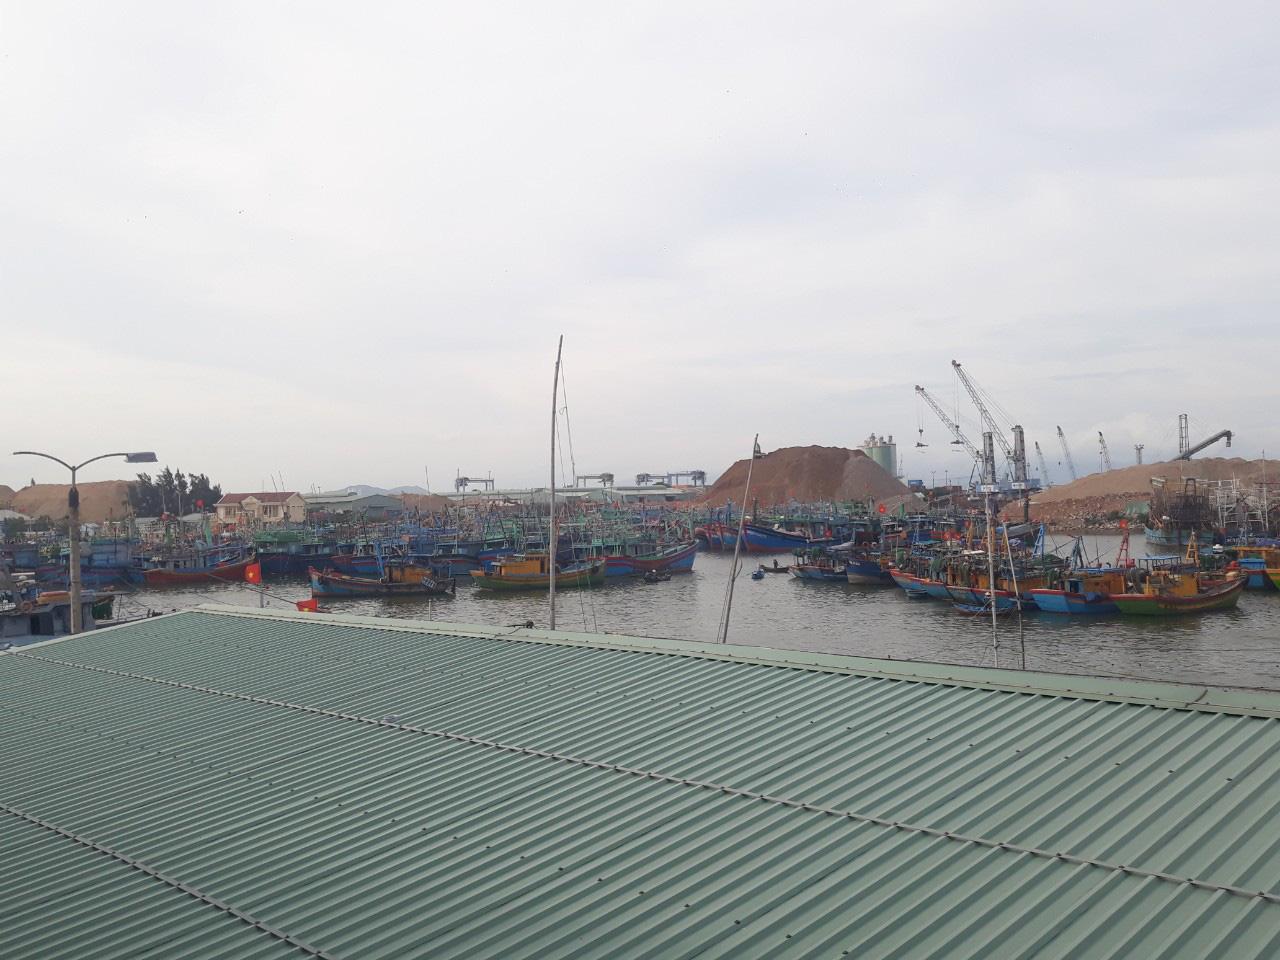 Bão số 9: Bình Định cấm biển, 190 tàu đang di chuyển khỏi vùng nguy hiểm - Ảnh 1.